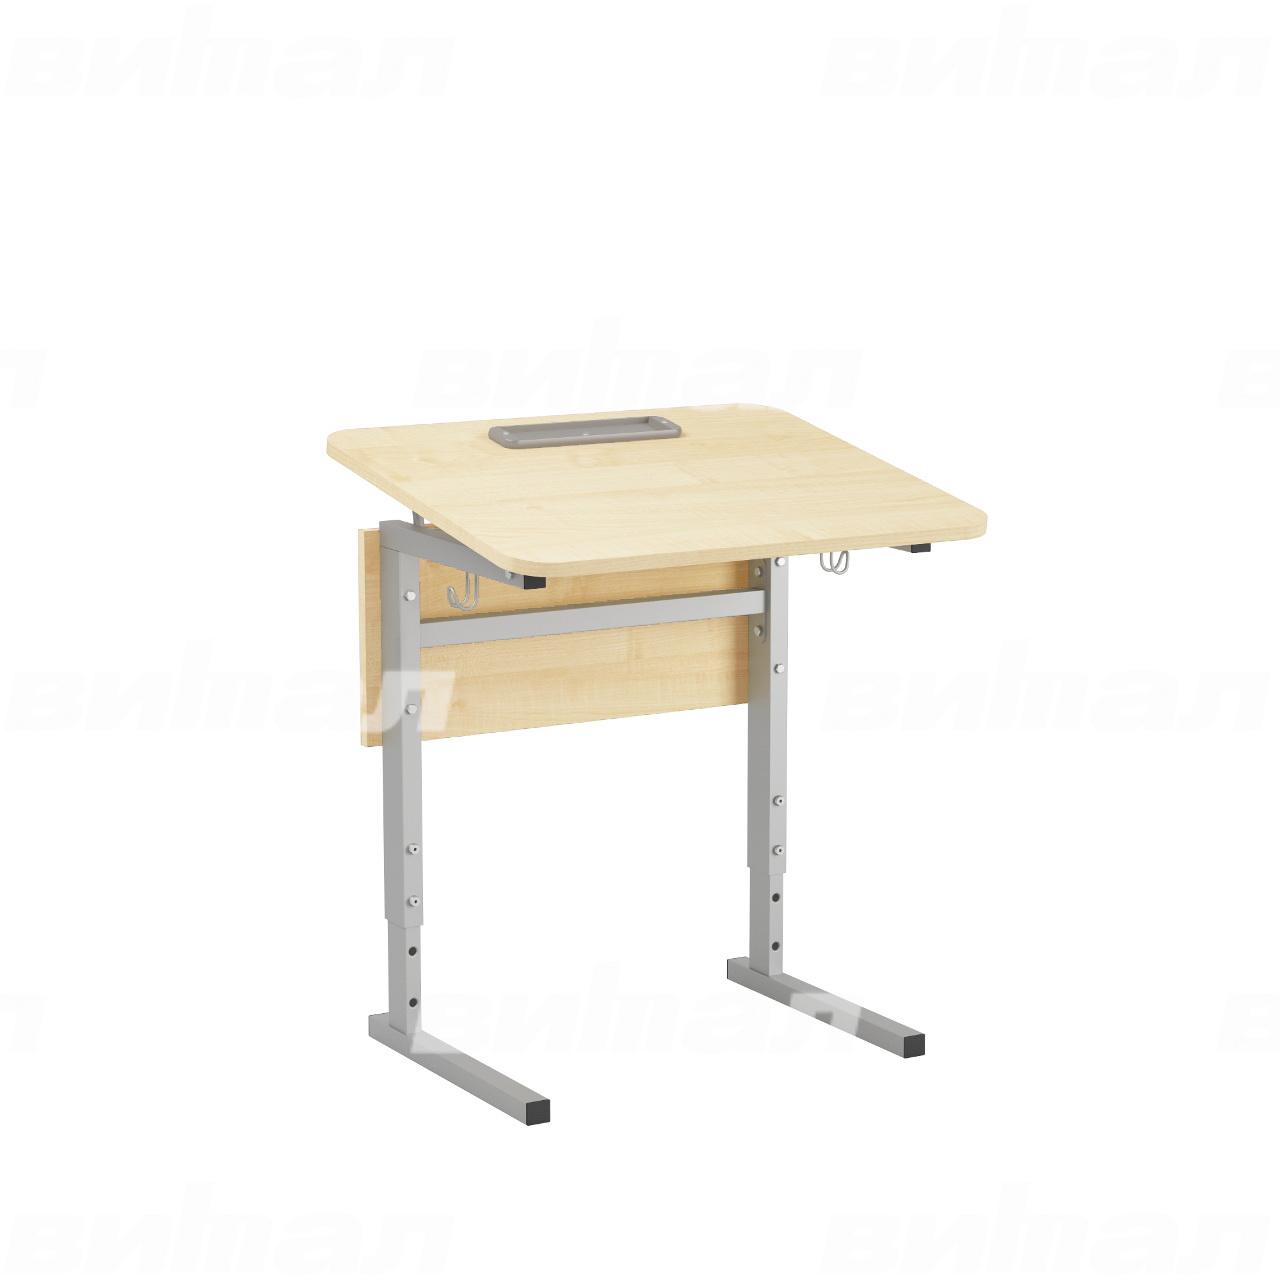 Стол 1-местный регулир. высота и наклон столешницы 0-10° (гр 2-4, 3-5 или 4-6) серый Клен 3-5 Меламин прямоугольная